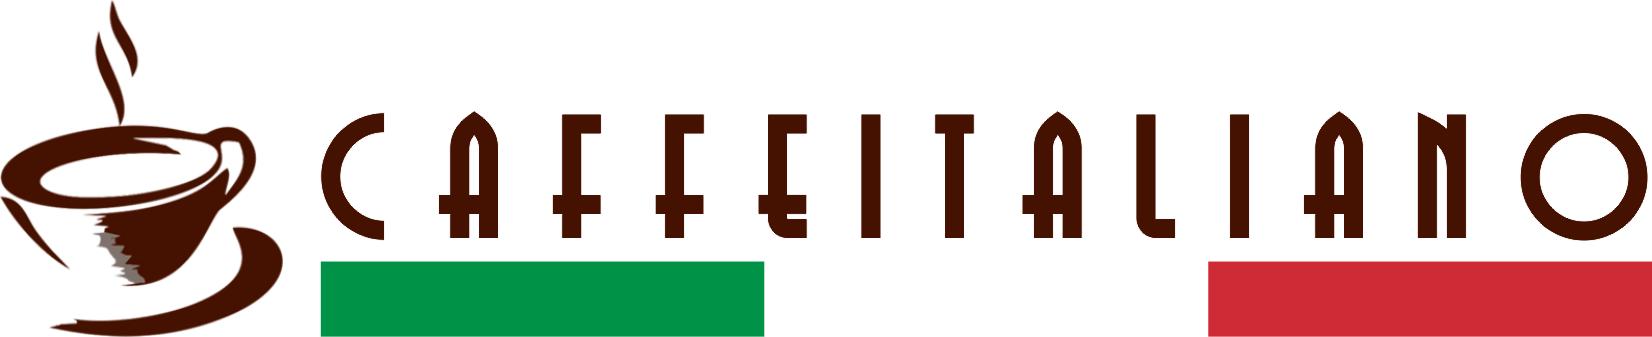 nove_logo_peto2-1